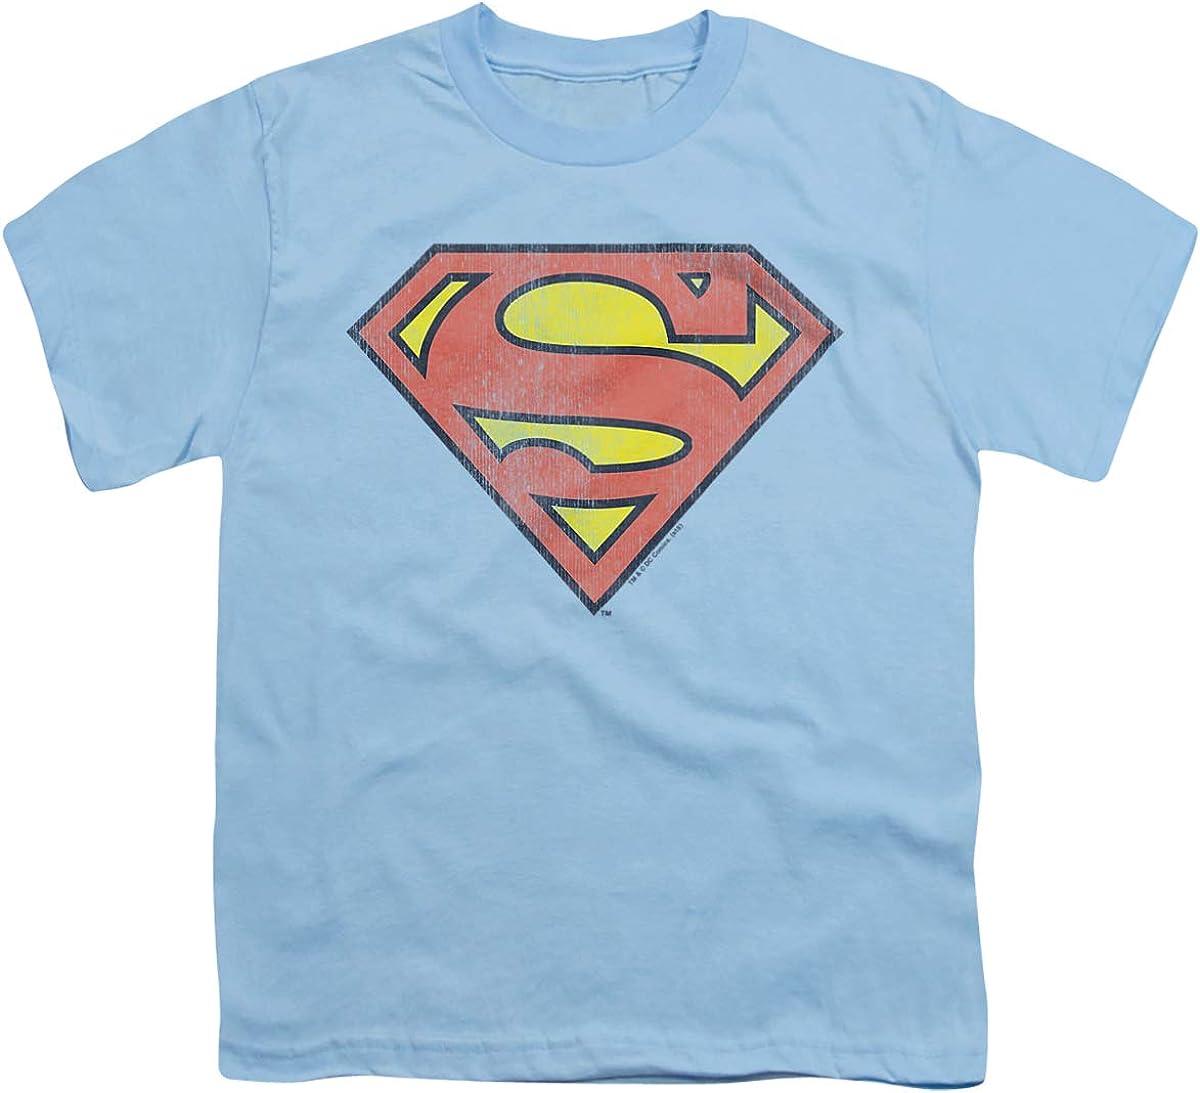 DC Retro Supes Logo Distressed Unisex Youth T Shirt, Light Blue, Large